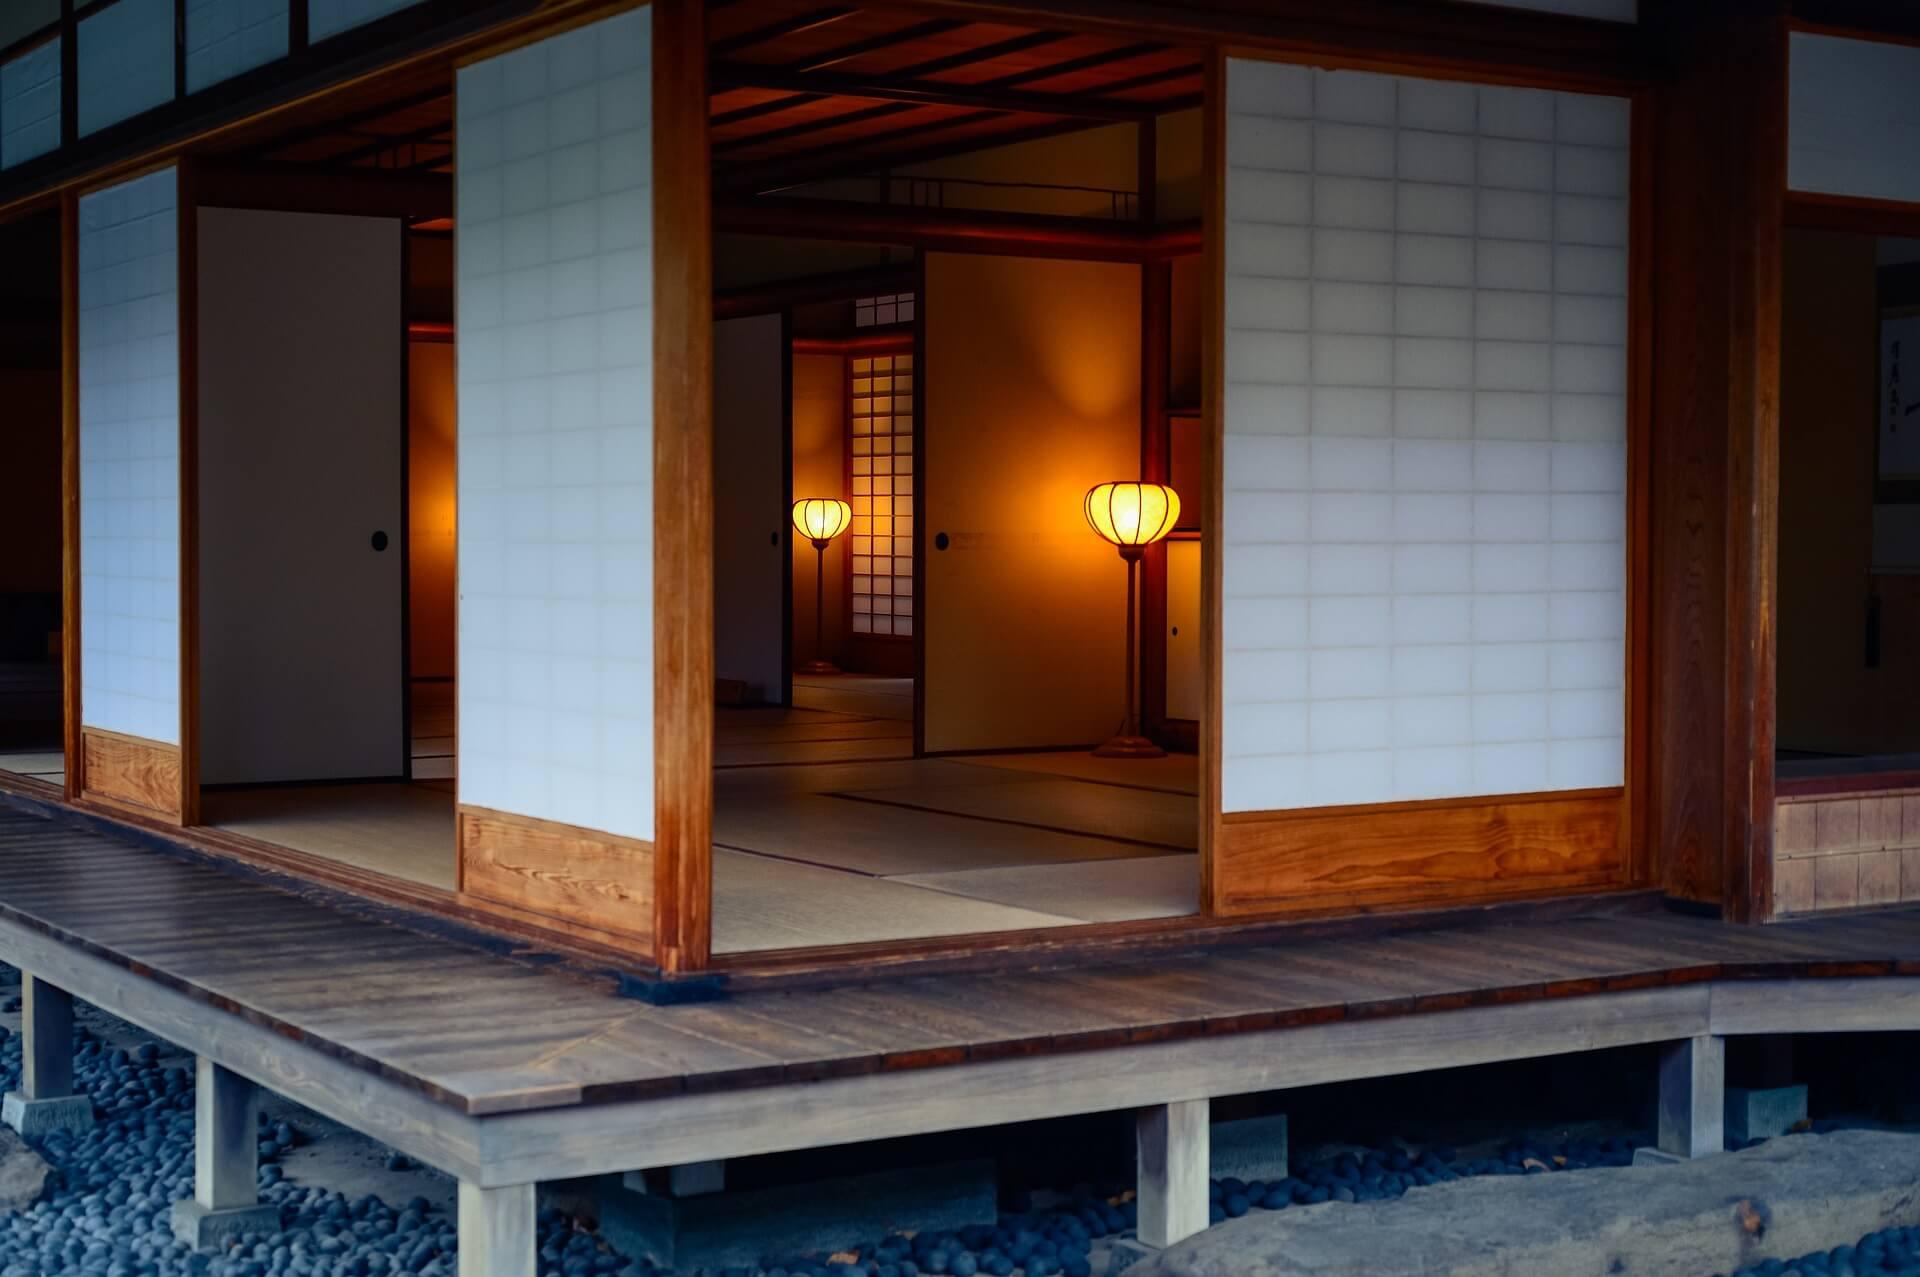 Comment Installer Panneau Japonais comment installer des panneaux japonais ? - shoji menuiserie